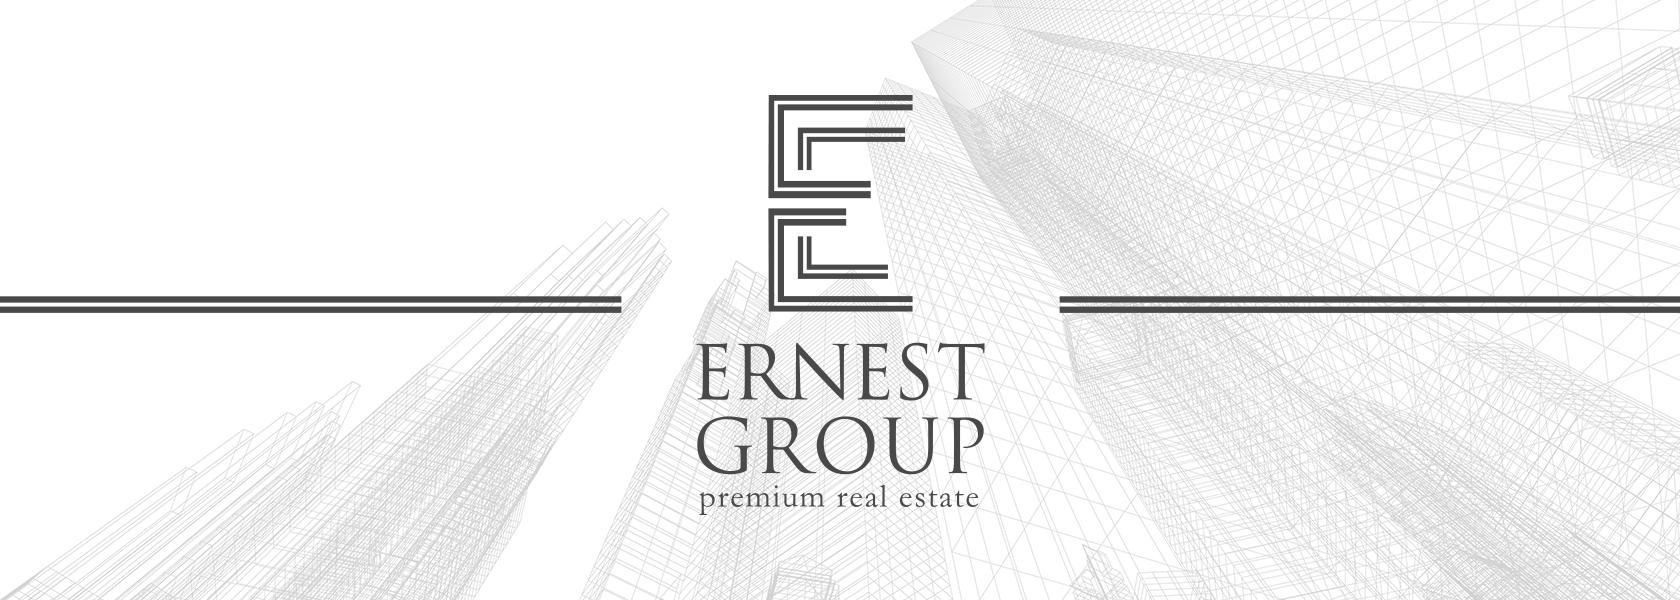 Ernest Group branding